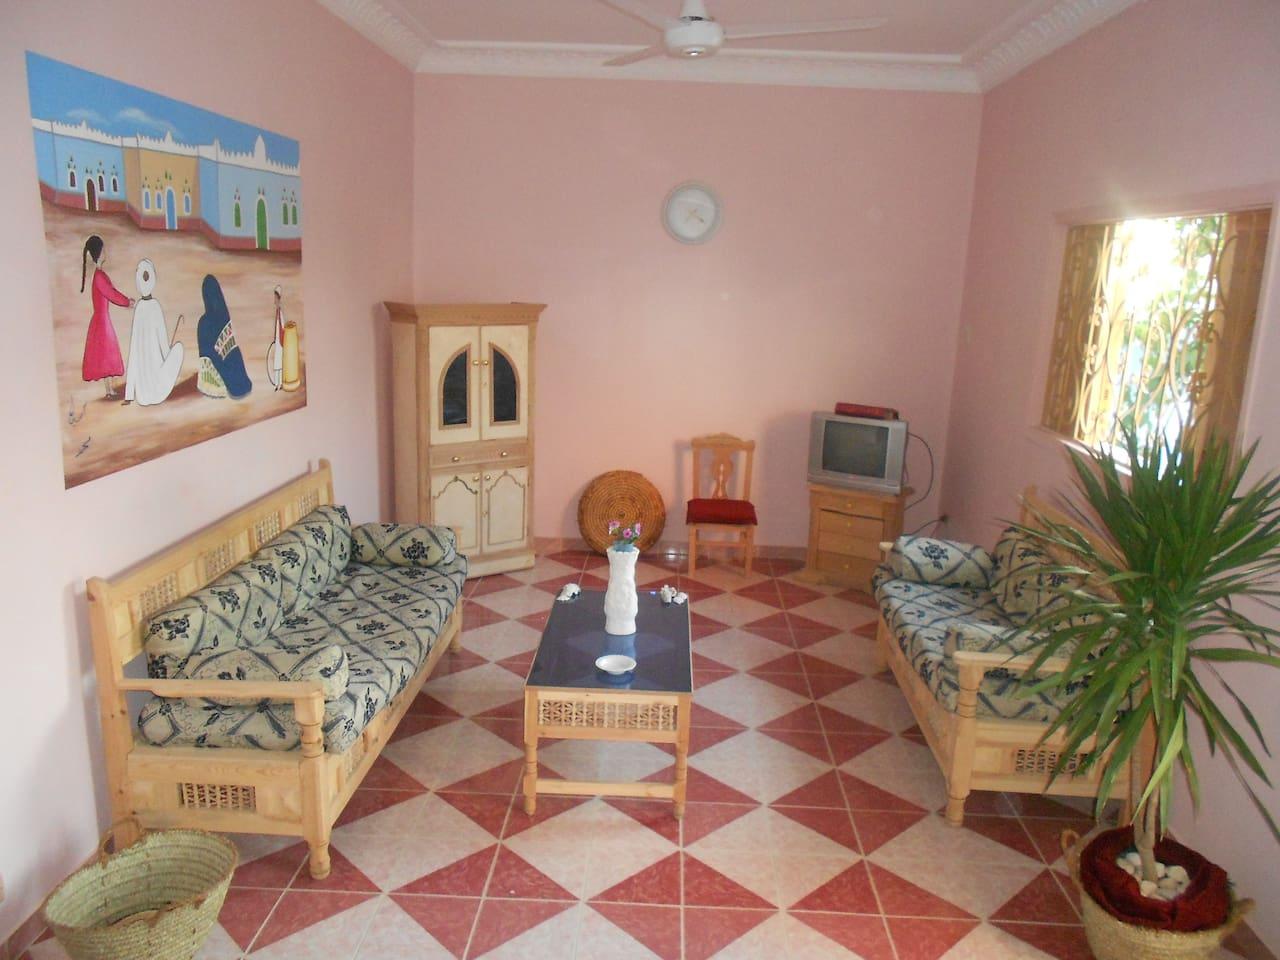 ROSE FLAT LIVING ROOM - GROUND FLOOR WITH GARDEN